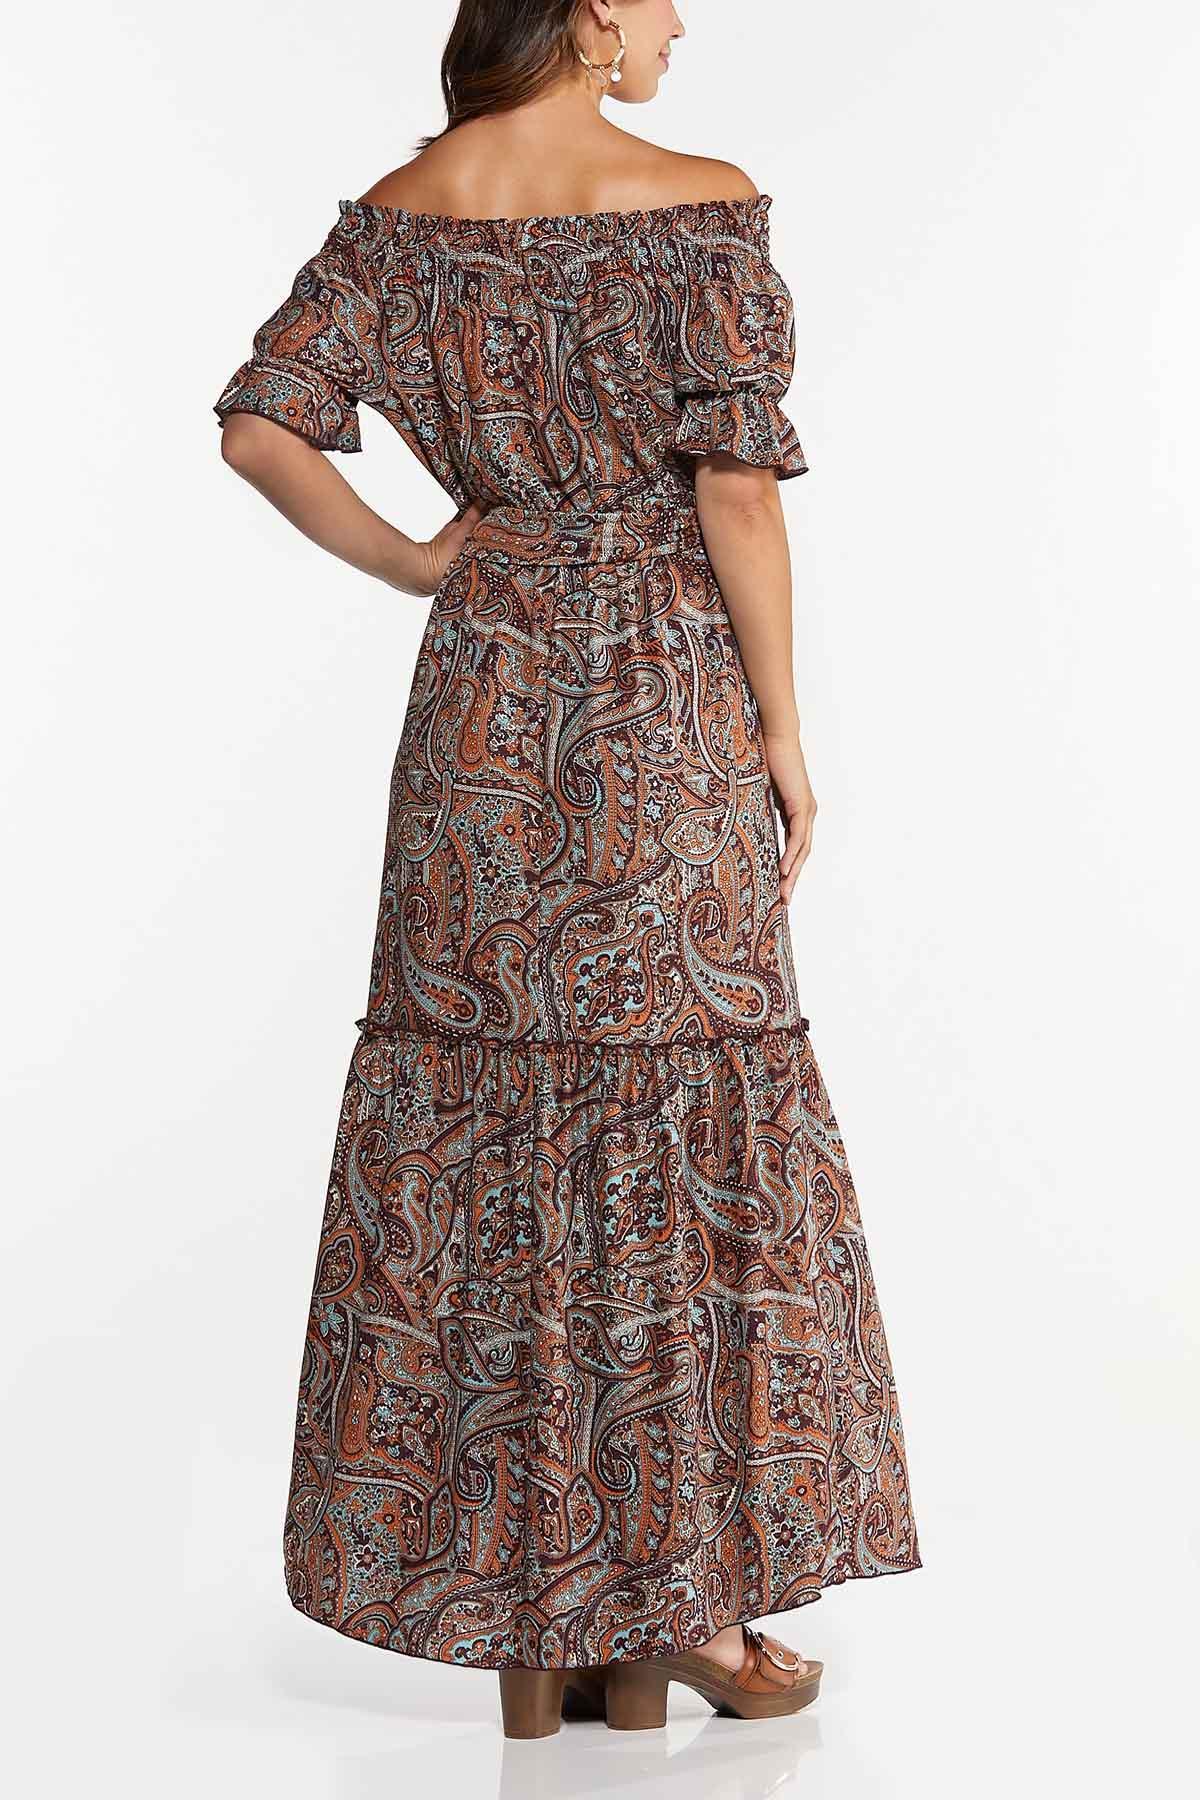 Petite Smocked Off Shoulder Maxi Dress (Item #44658372)